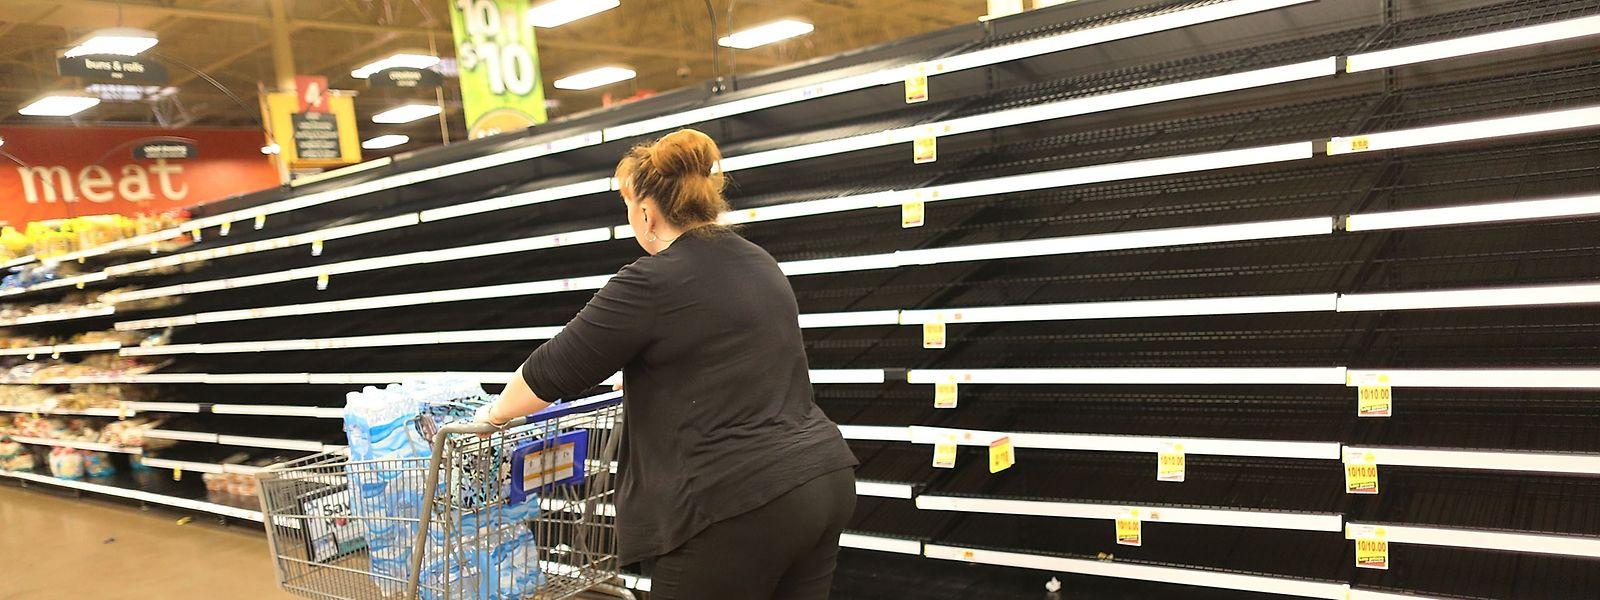 Dieser Supermarkt in Texas ist bereits weitgehend leergekauft.